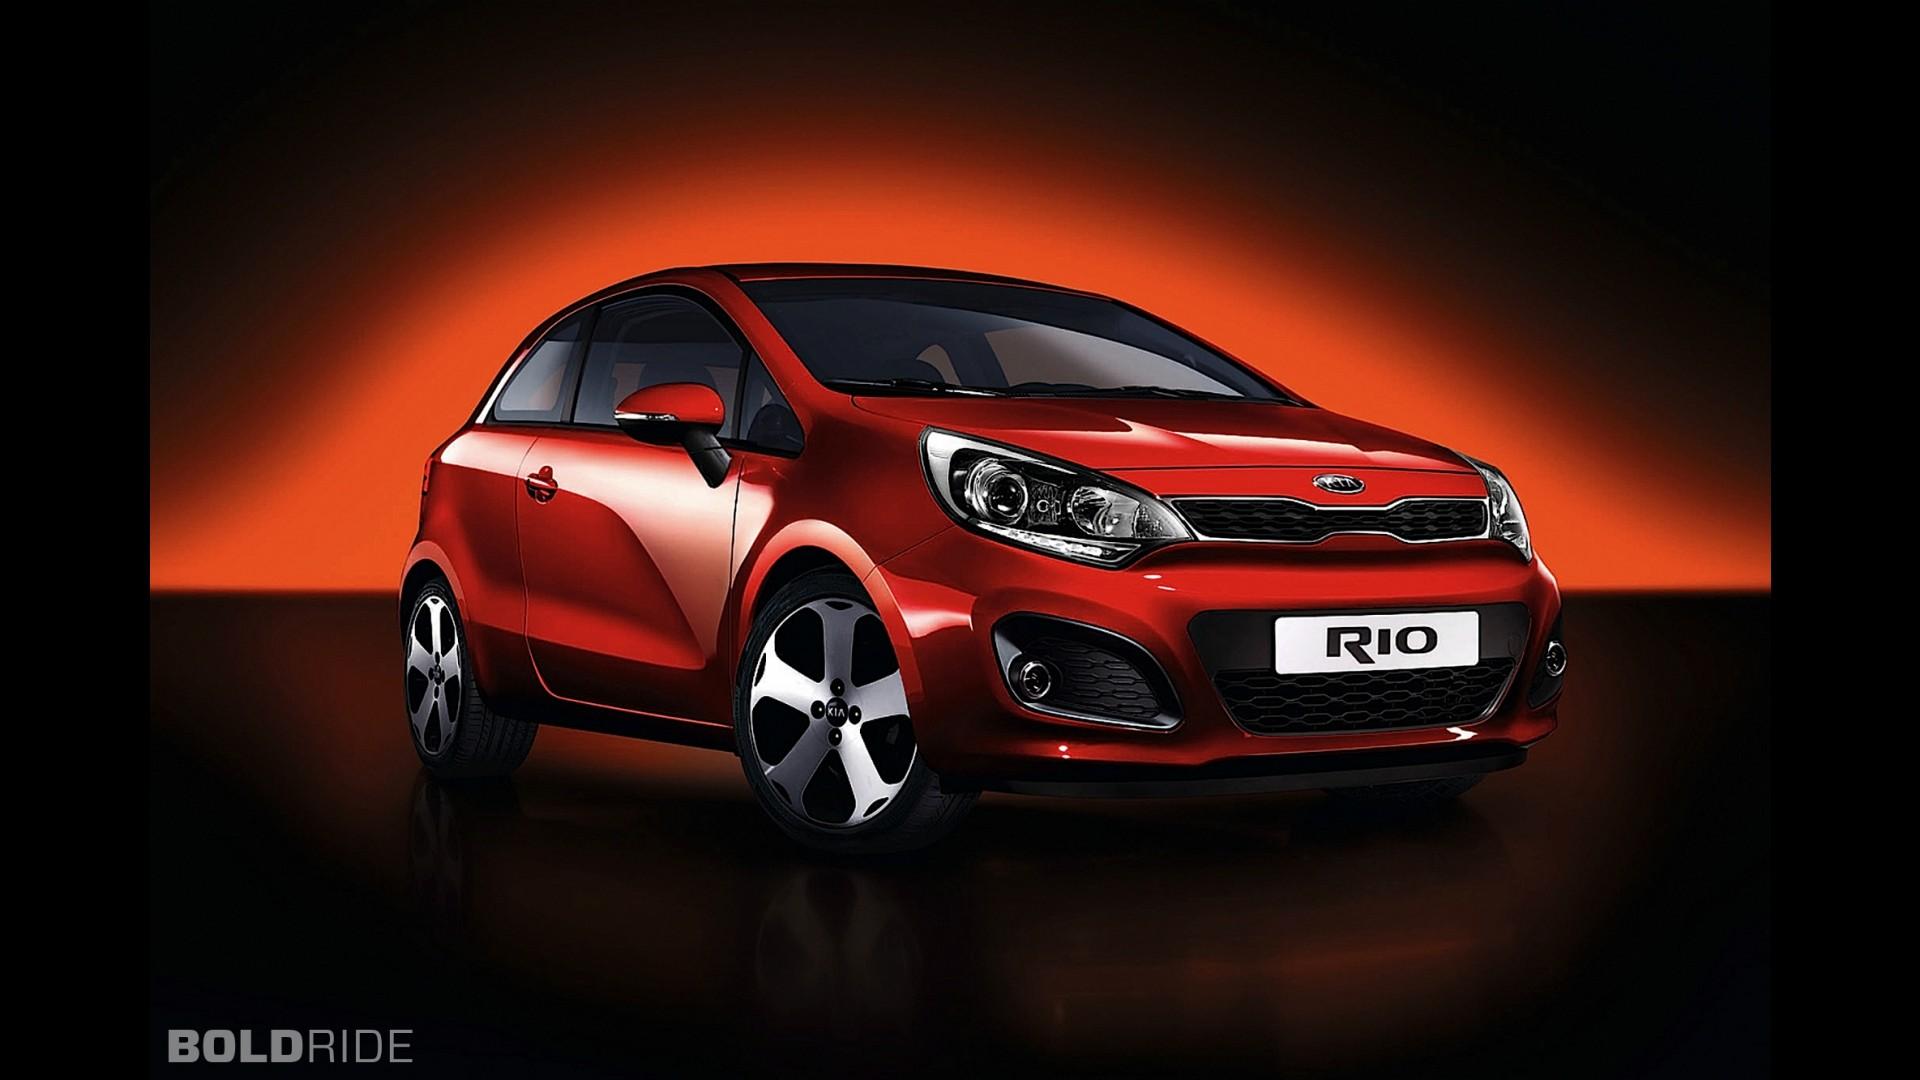 Kia Rio 3-door